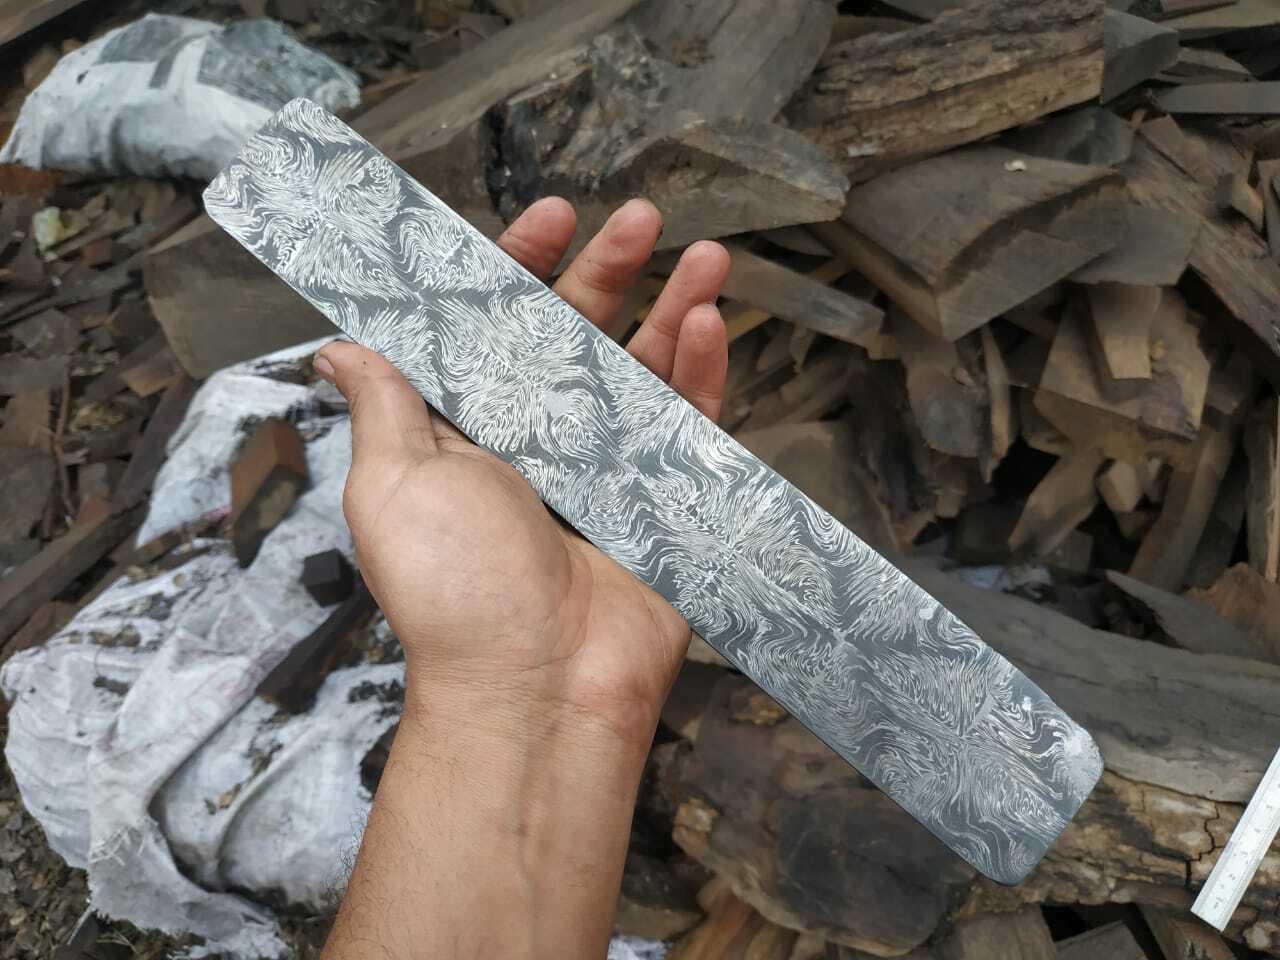 Damascus Mosaic Pattern Billet for Knife Making